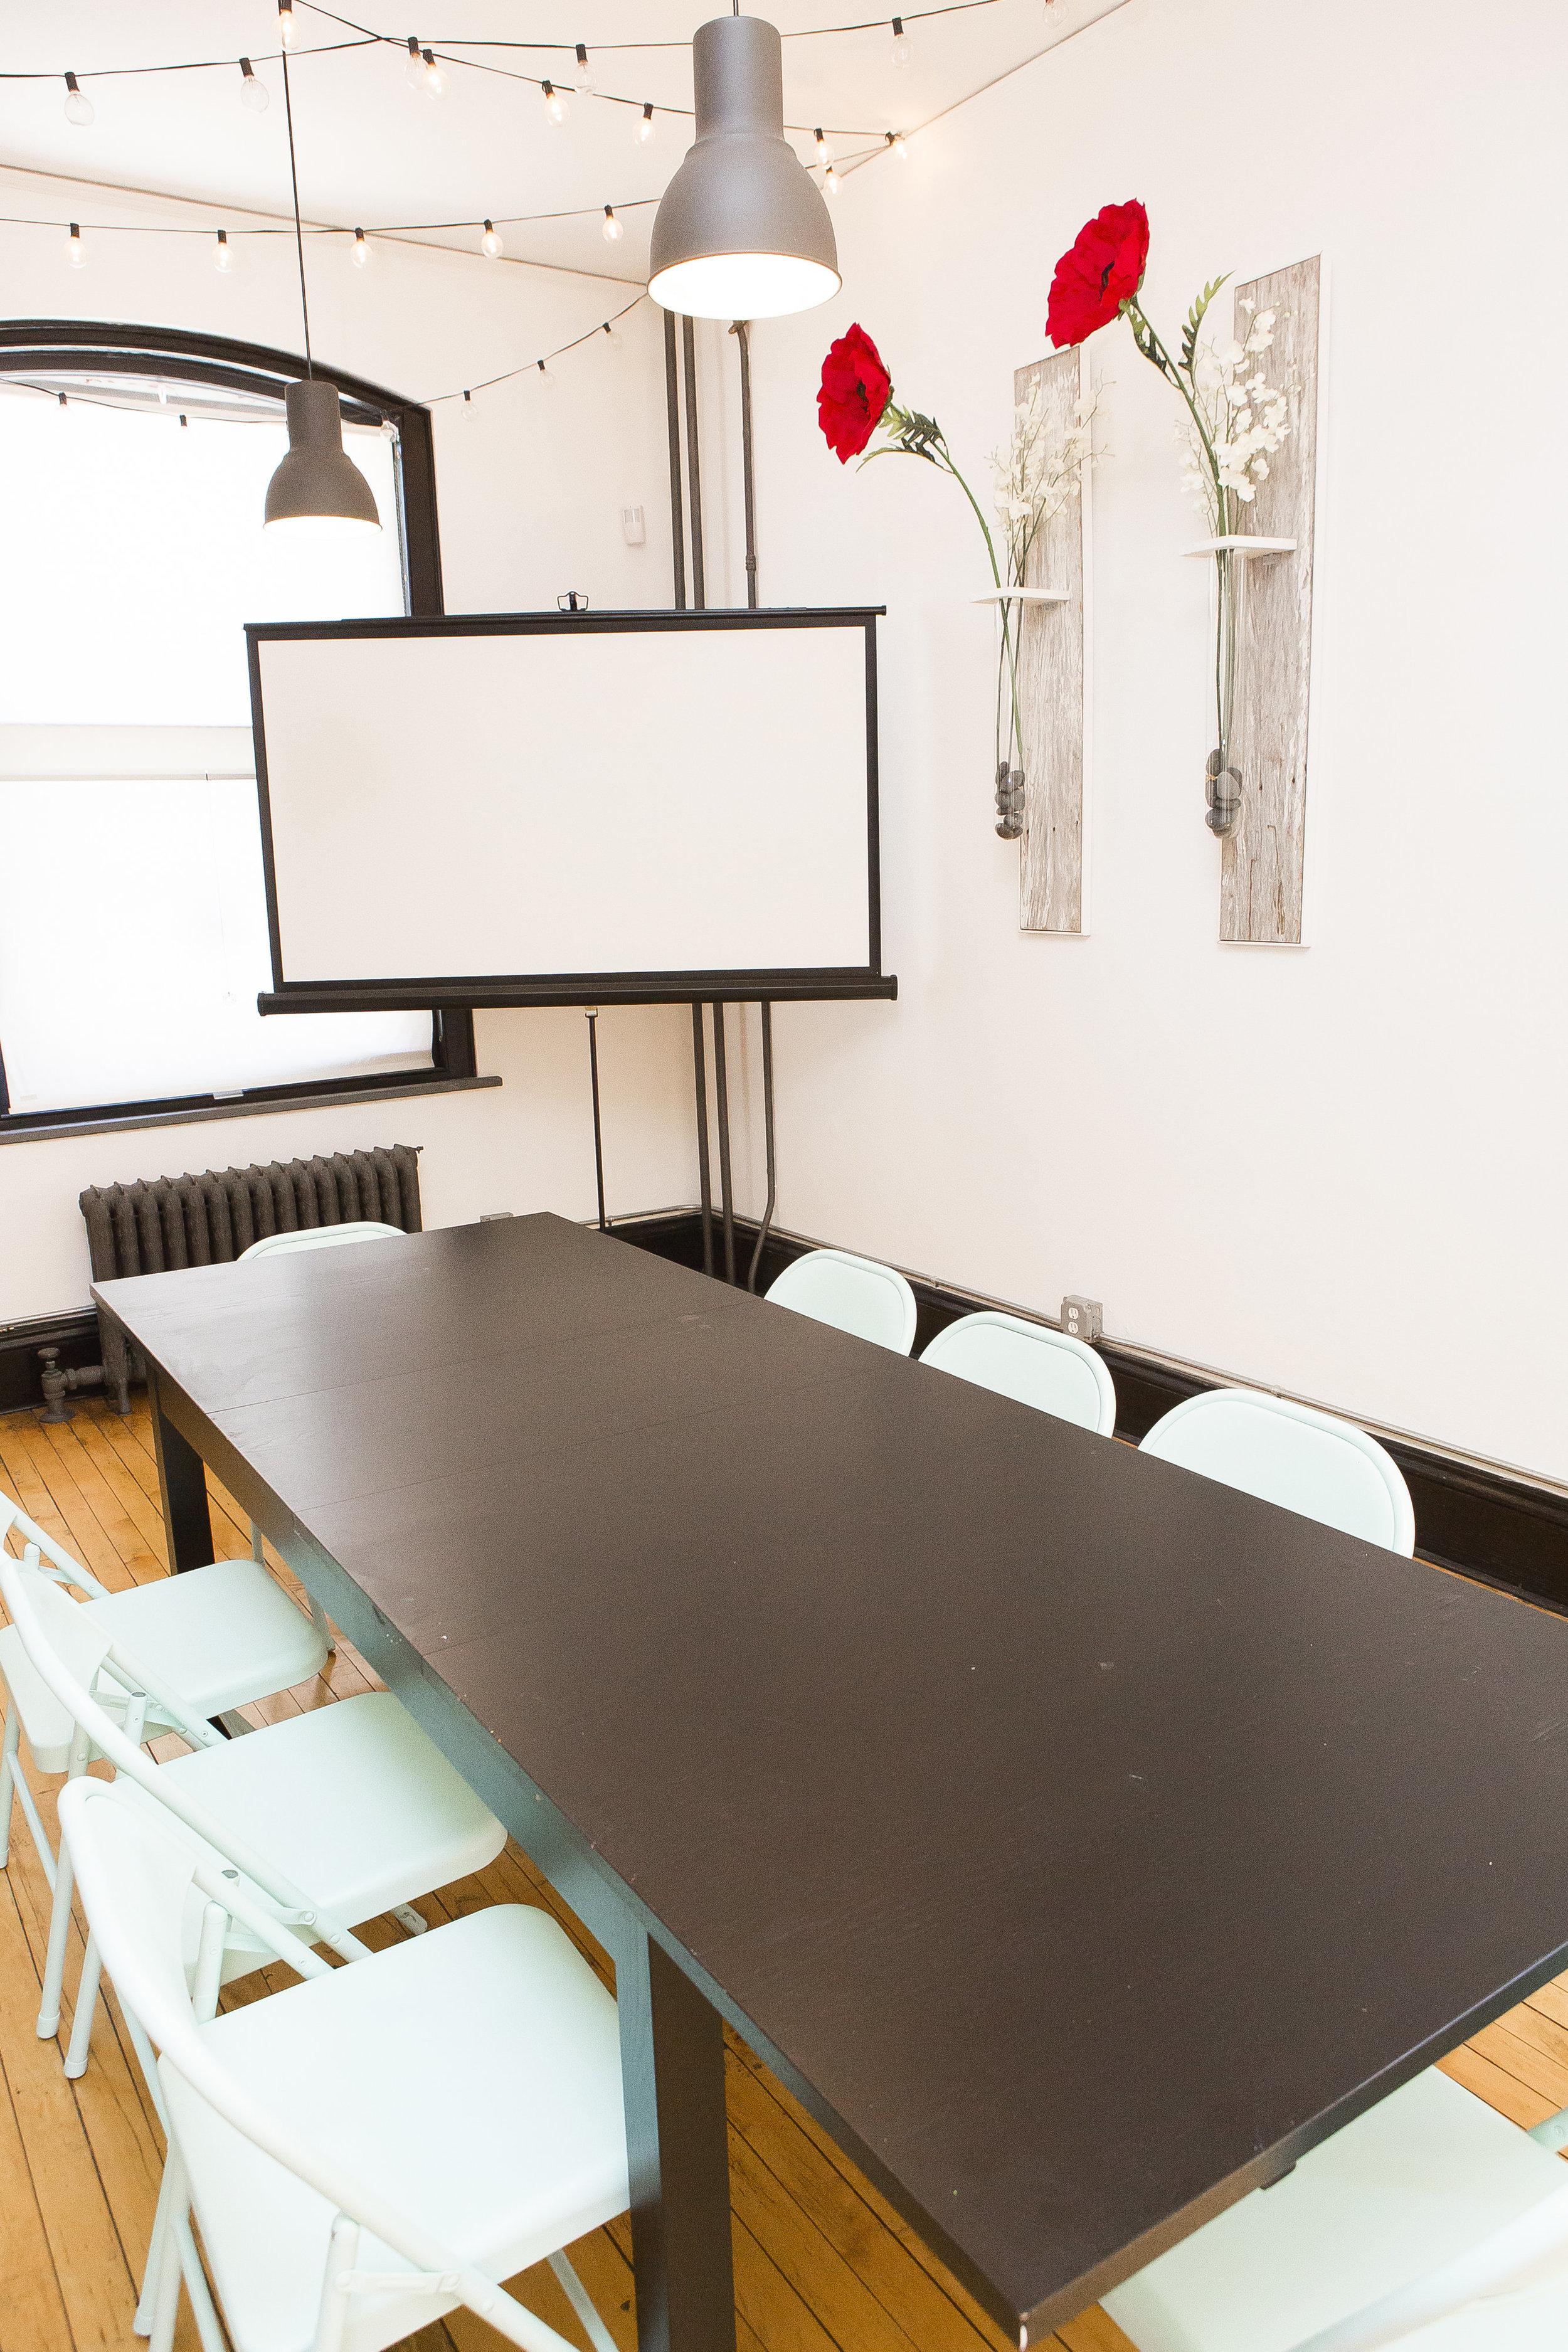 Large workshop or meeting beaconarts.jpg